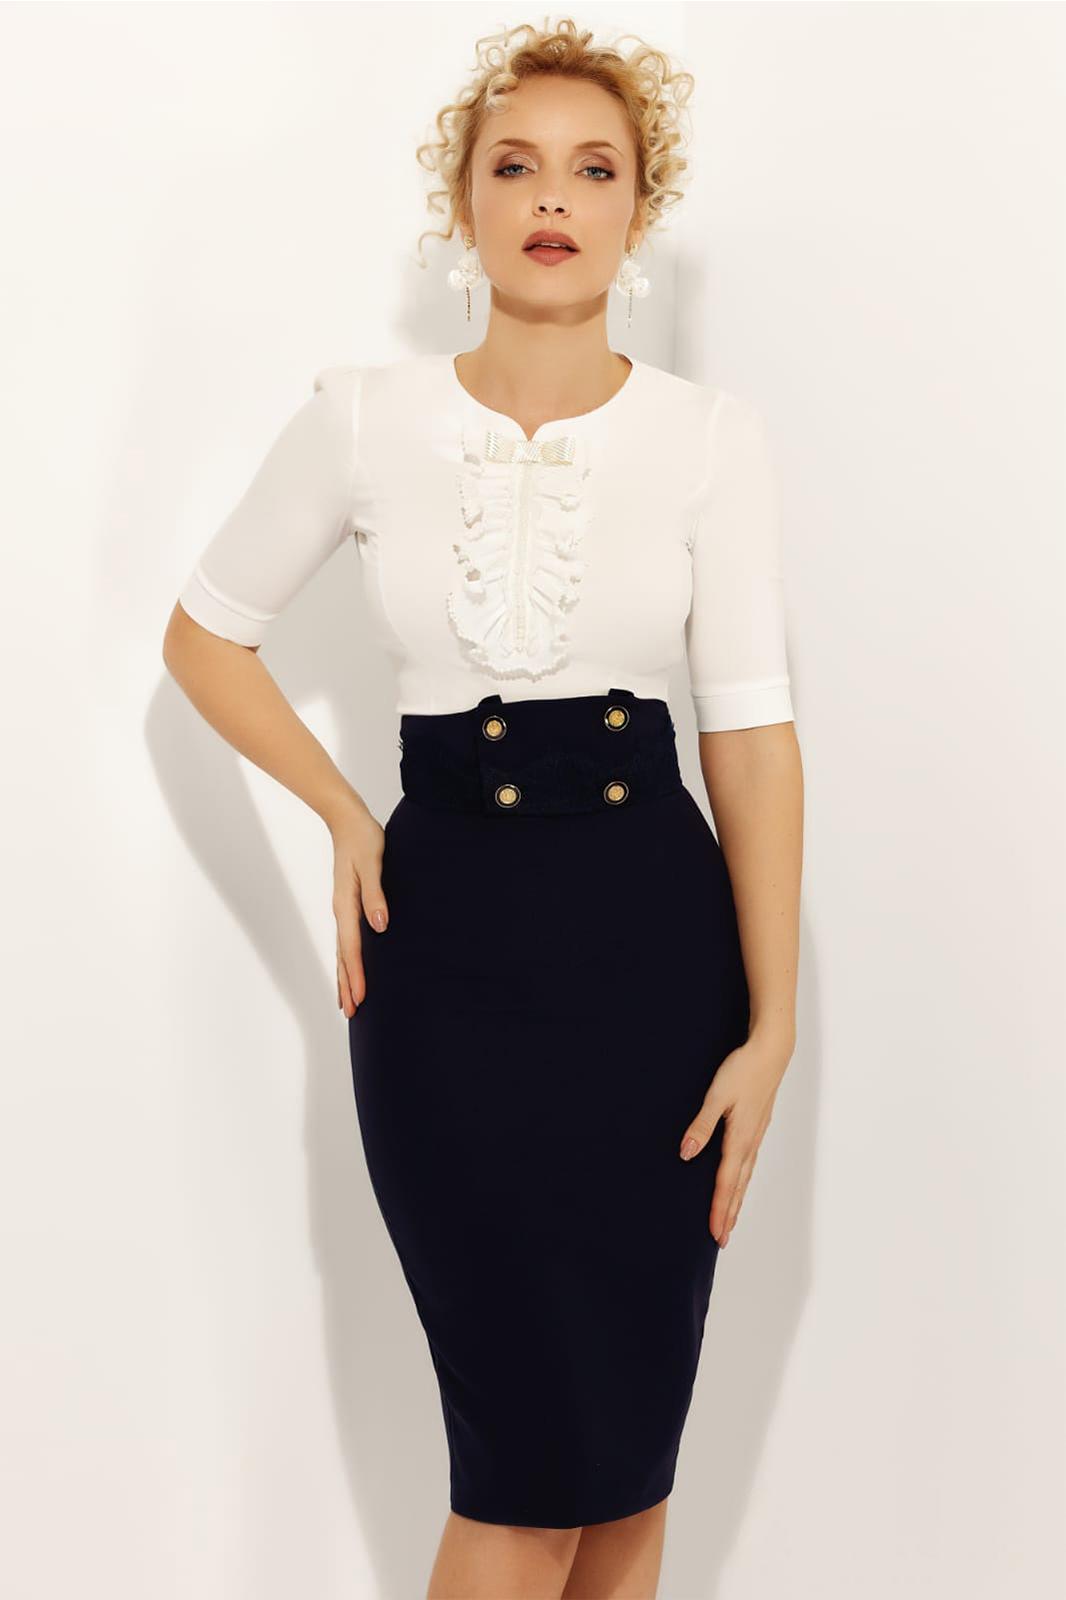 6f996ed3d7 Fehér Fofy elegáns női ing 3/4-es ujjakkal szűk szabás enyhén elasztikus  pamut gyöngy díszítéssel